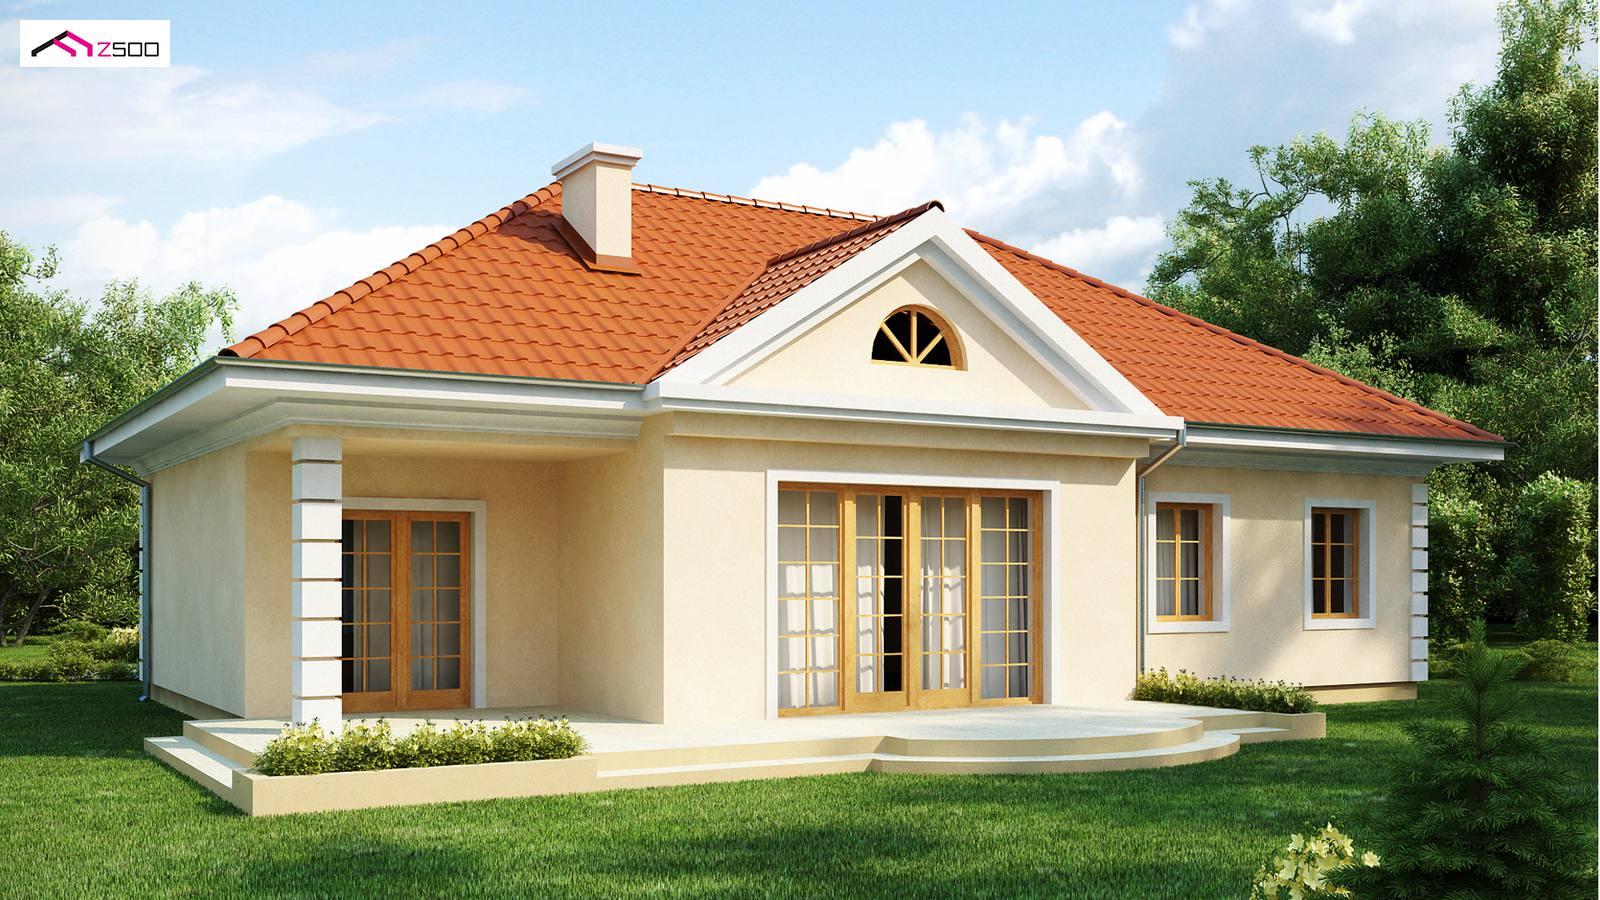 projekty domów drewnianych szkieletowych z2